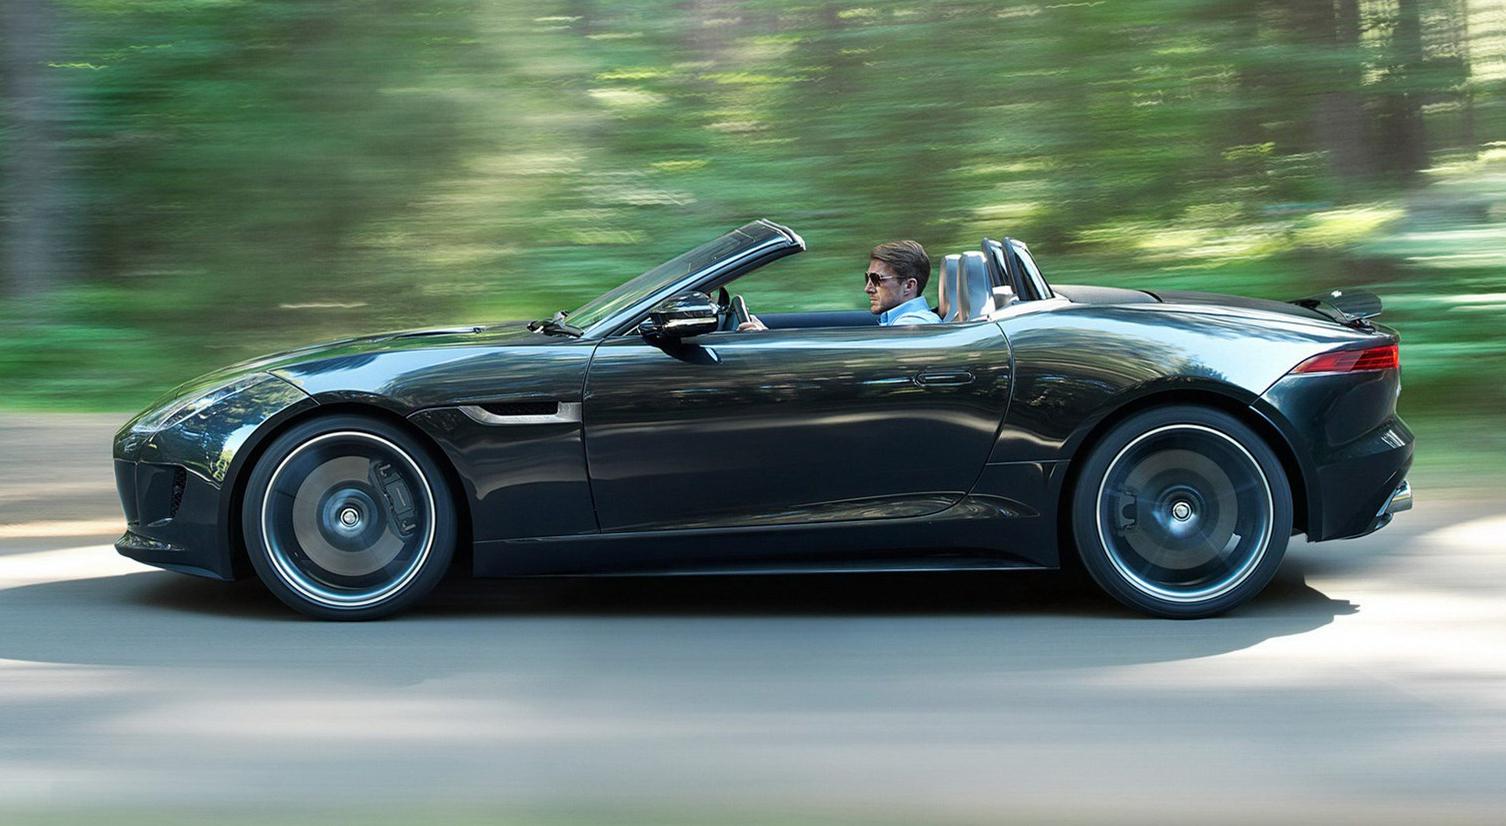 Jaguar F-Type - Page 26 - Auto re on